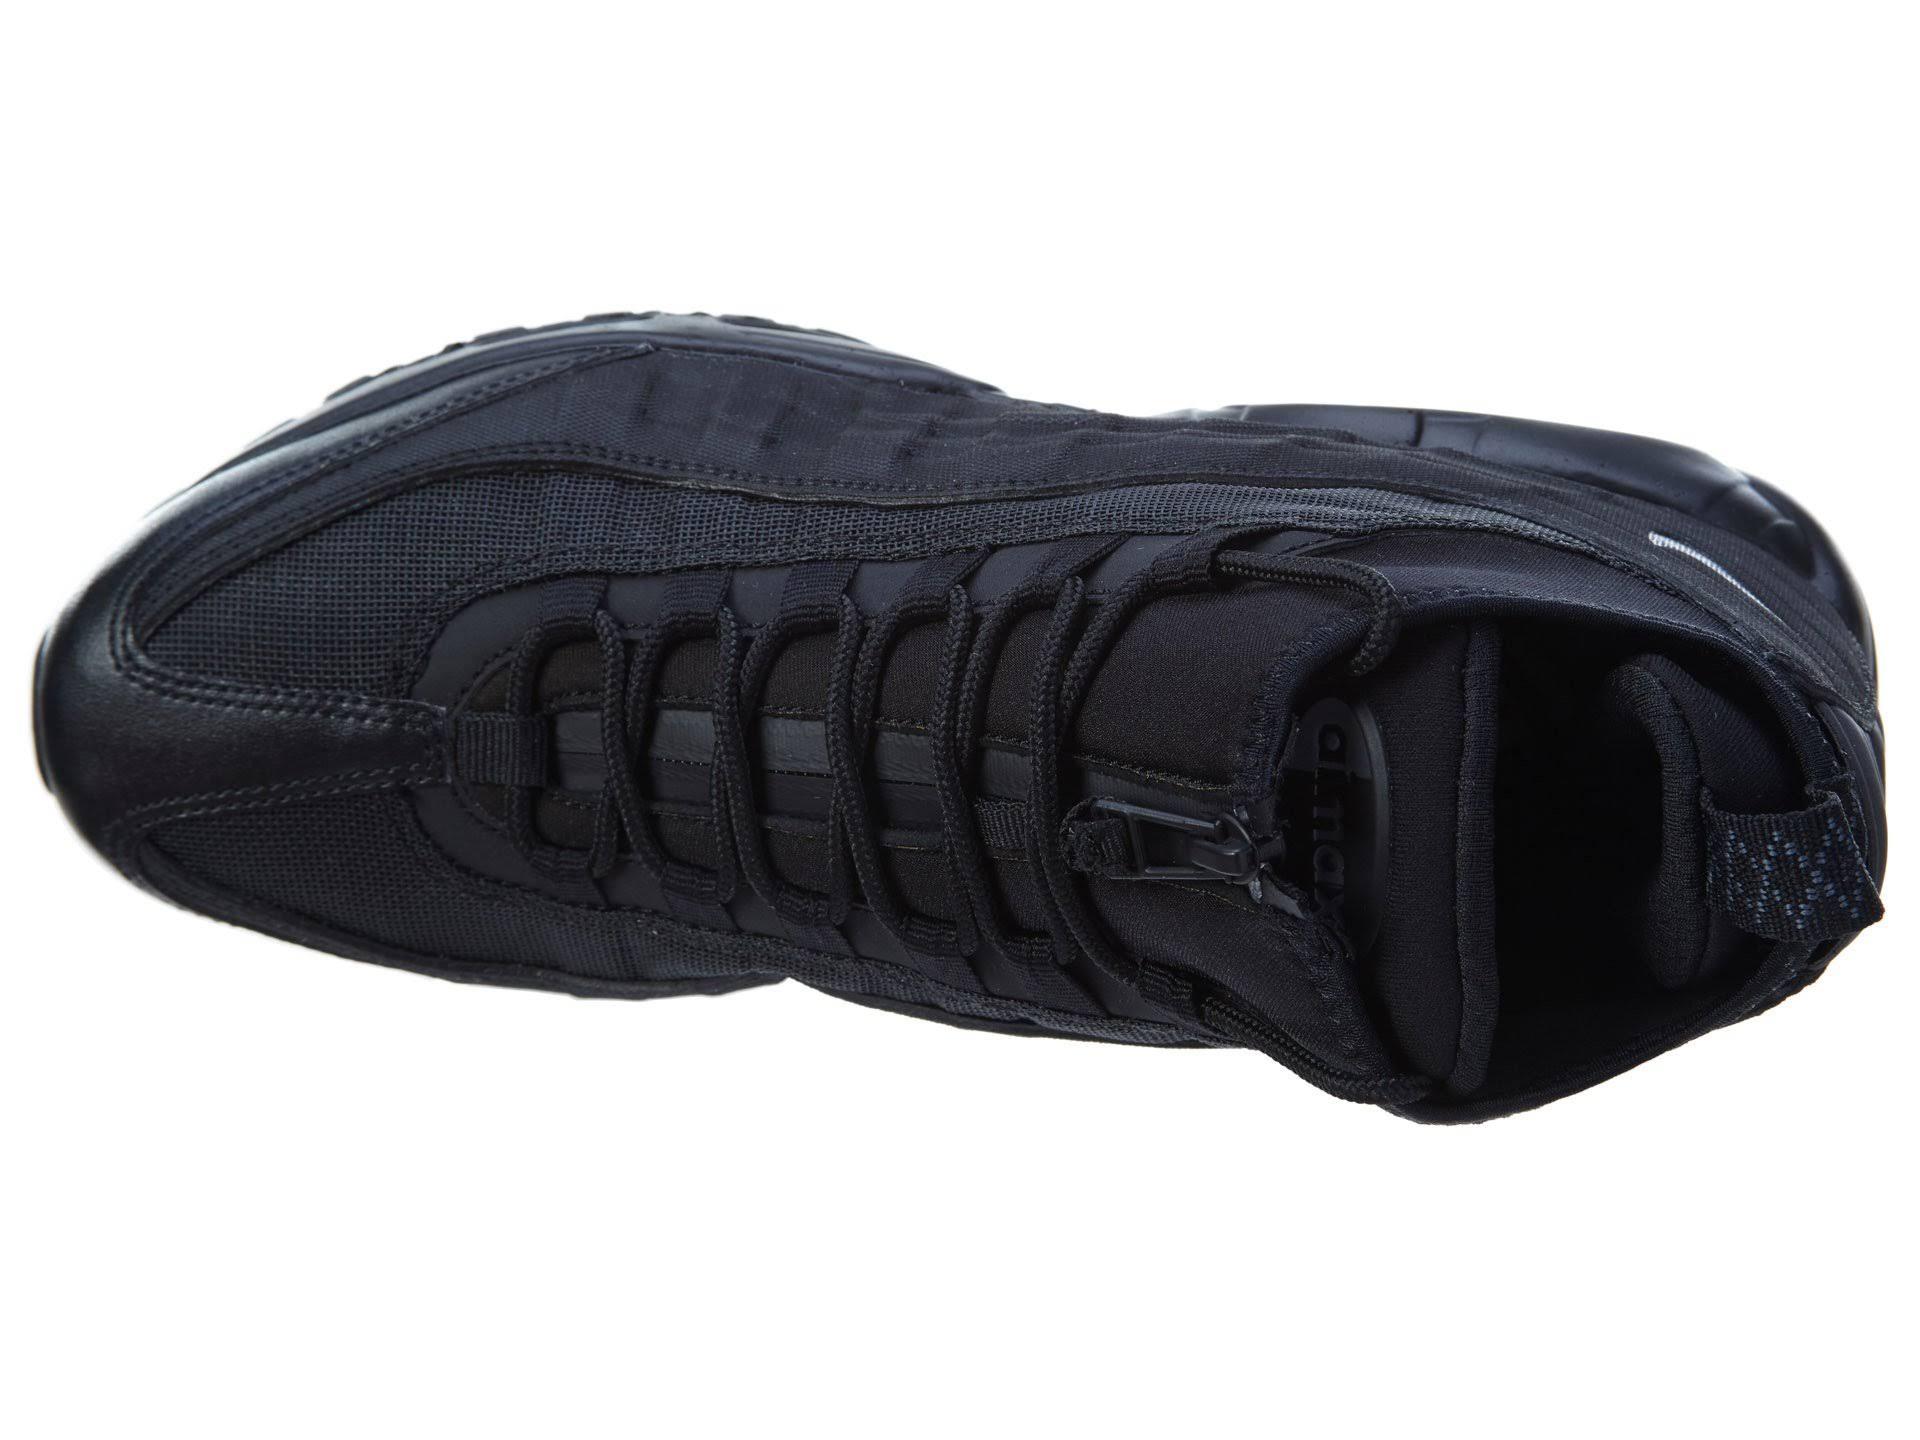 Air black Sneakerboot Black 95 Max 8 Nike PwqfP